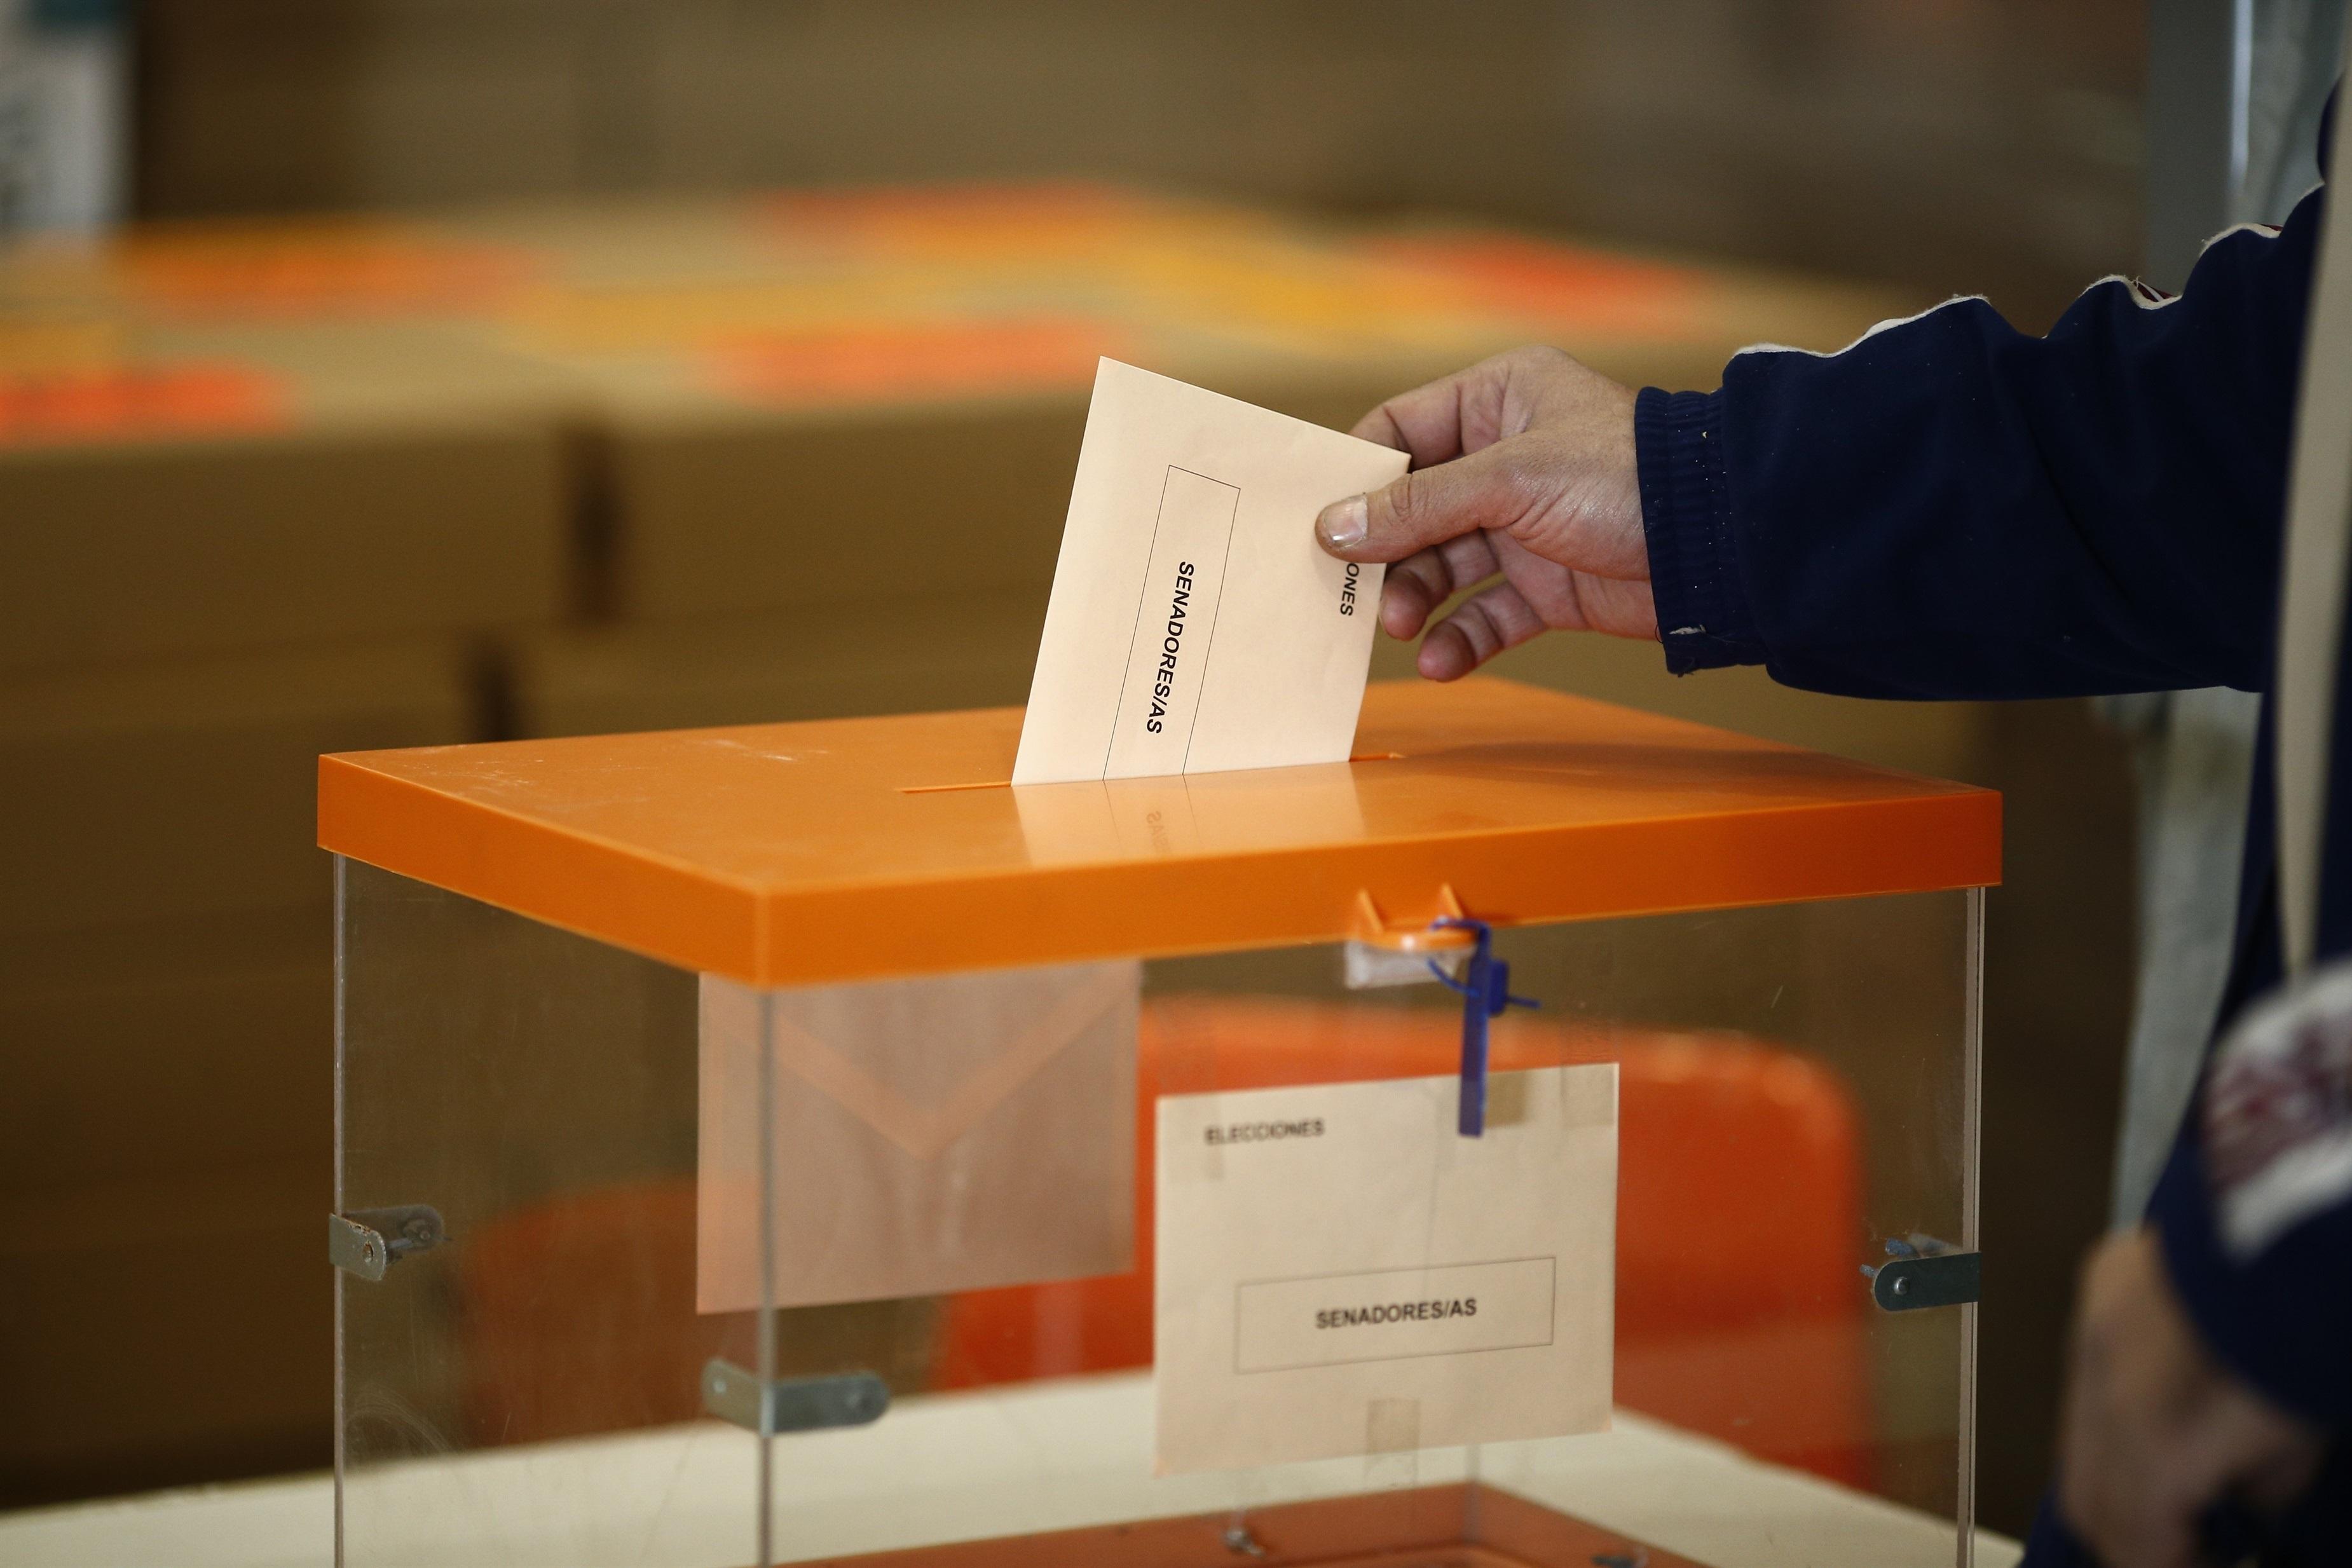 10-N, la convocatoria electoral no resolverá la crisis del poder